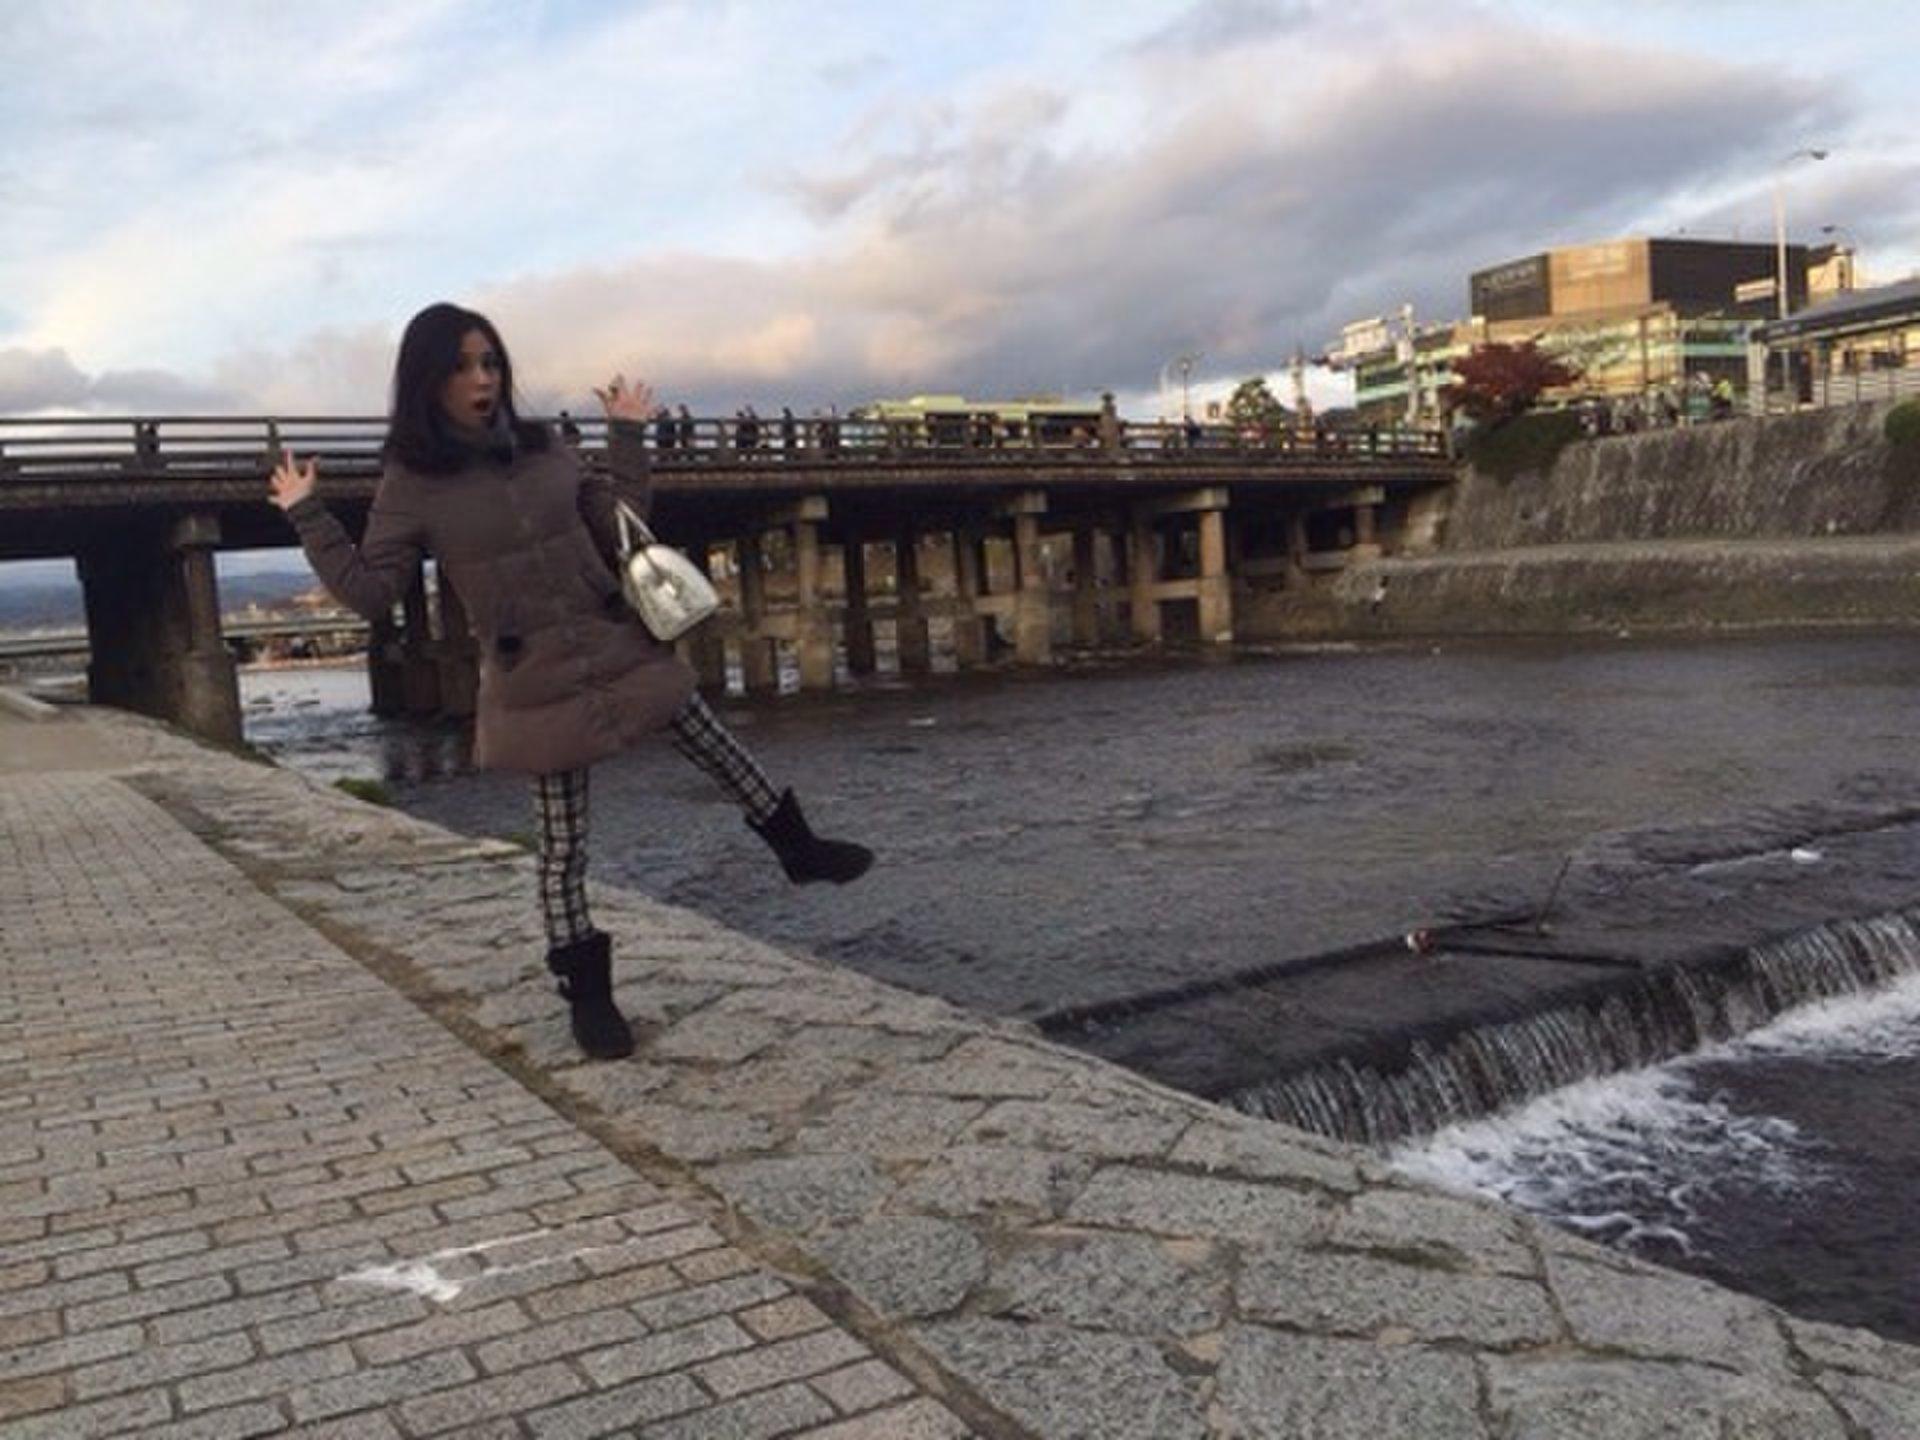 京都プチ旅行!鴨川散策からの特選抹茶カフェののんびりお散歩コース